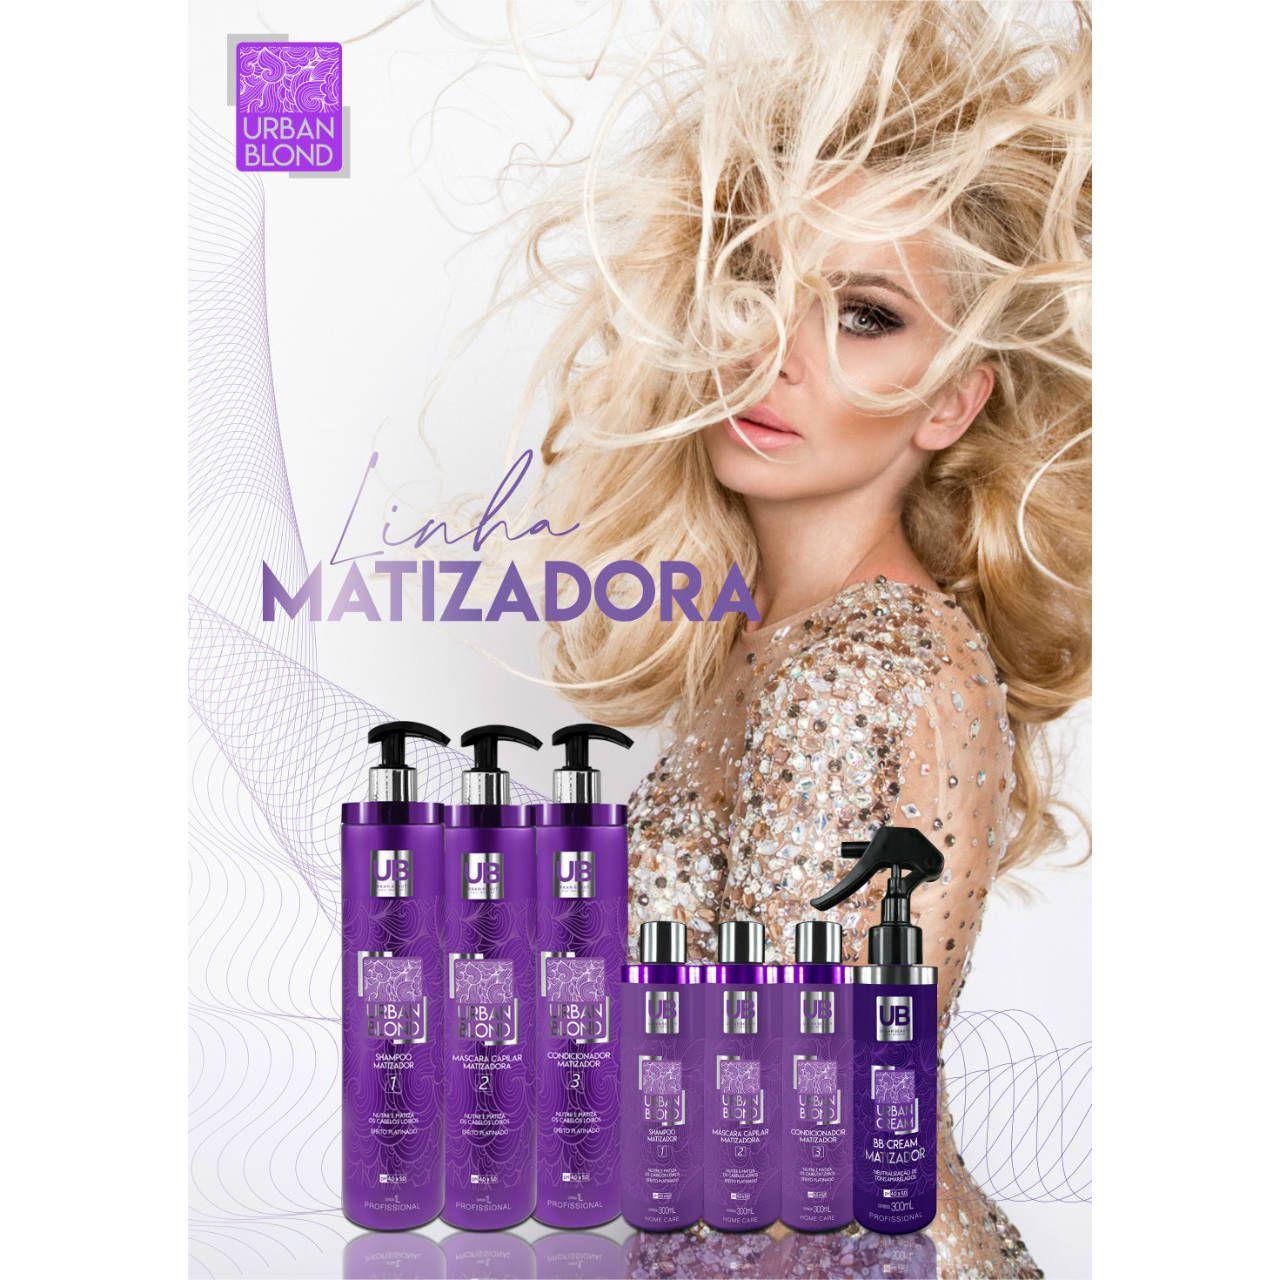 Shampoo Matizador Cabelos Loiros Descoloridos Grisalhos Urban Blond - 1 Litro